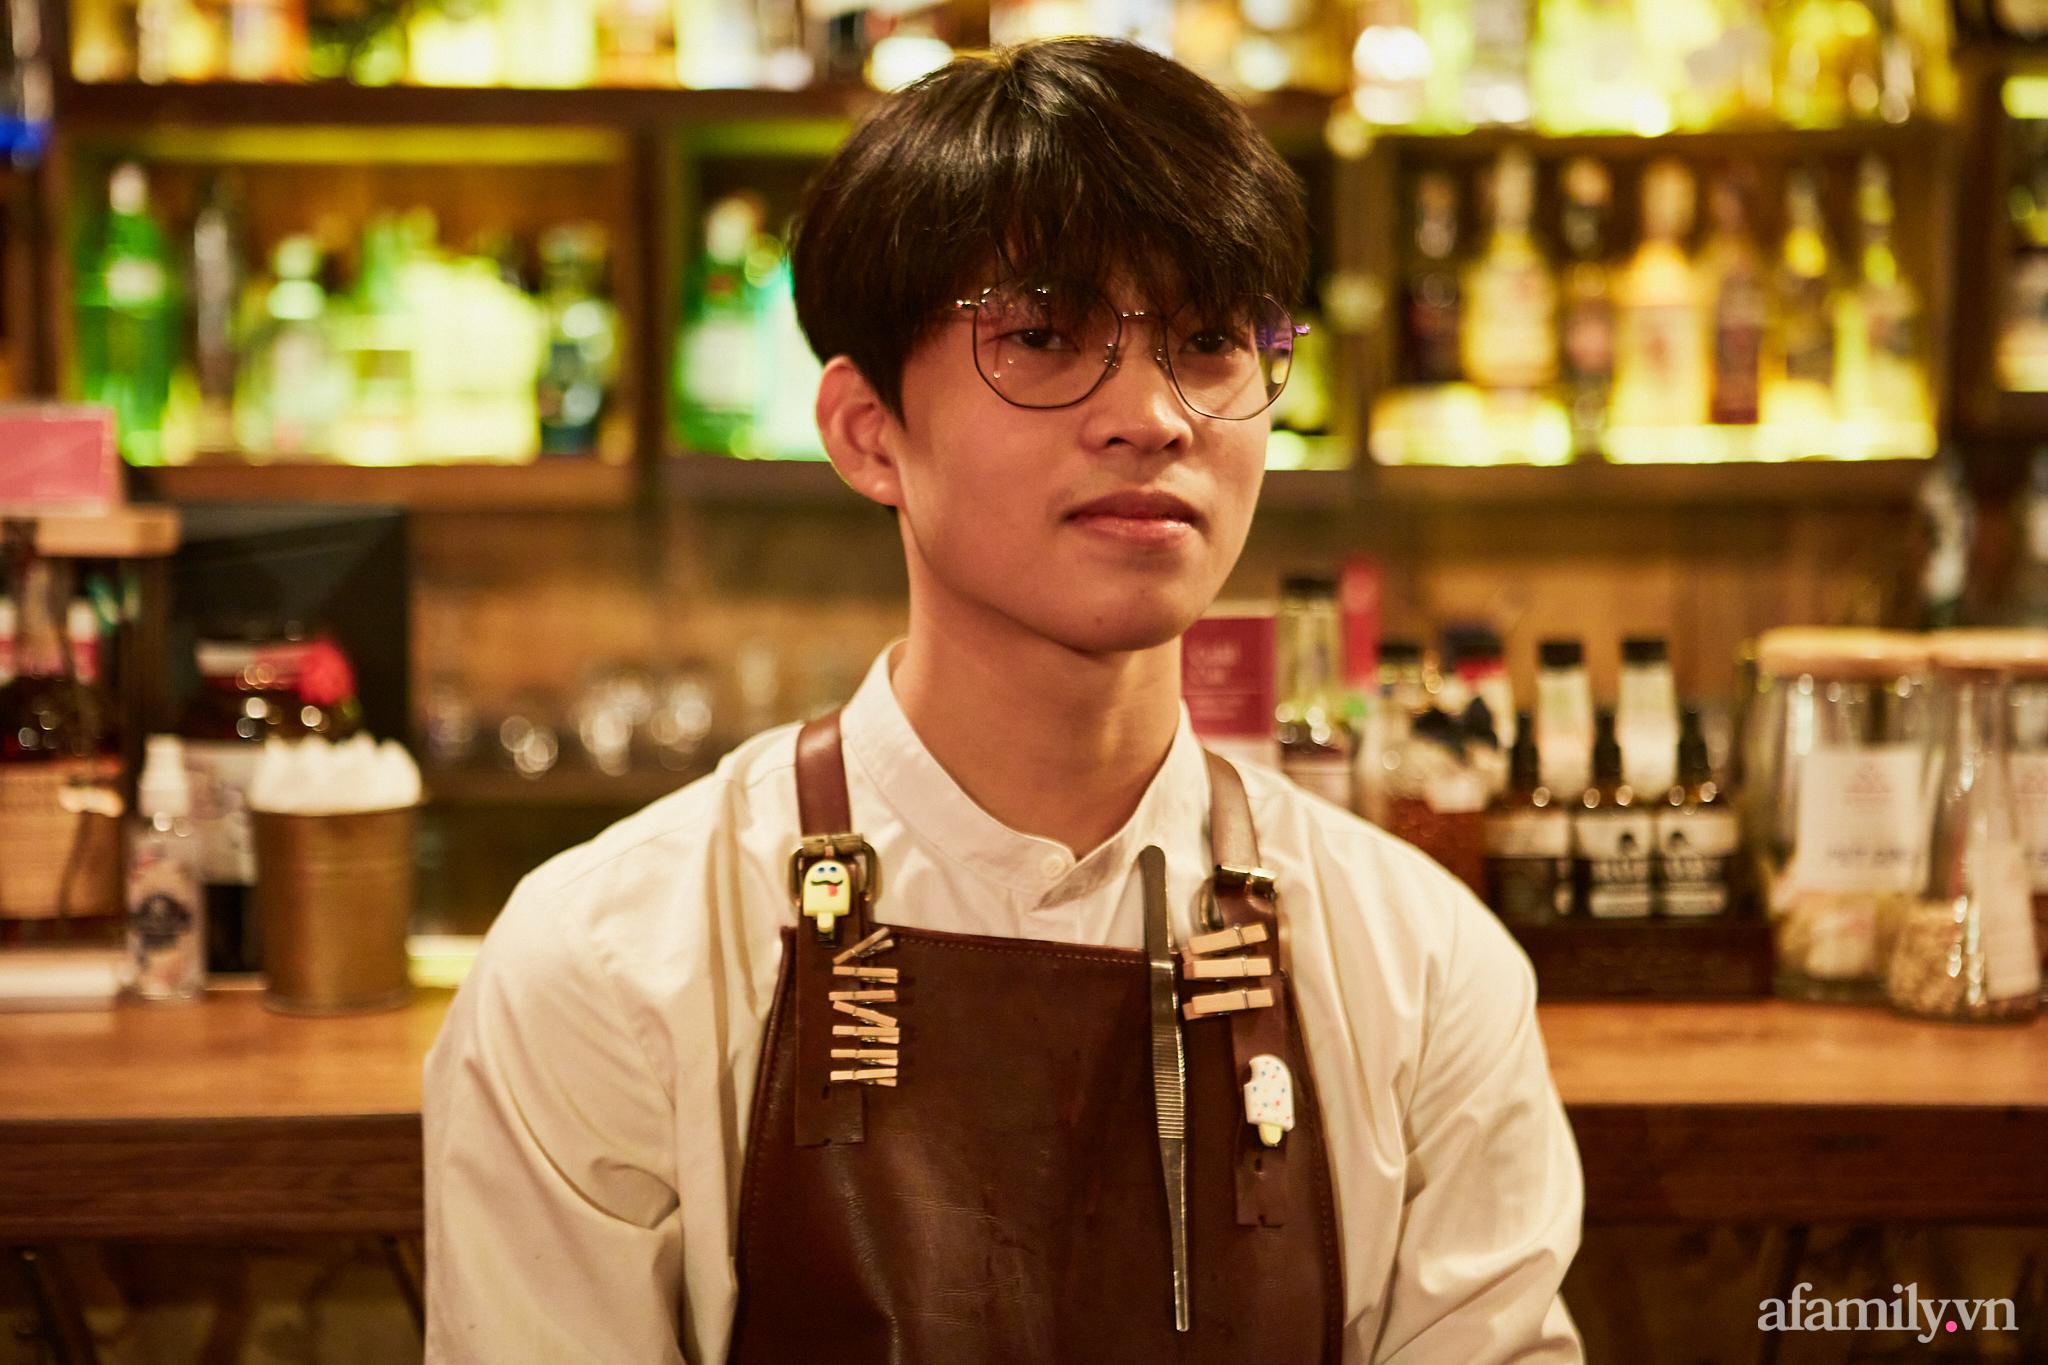 Người đàn ông đứng sau hàng loạt quán pub nổi tiếng ở Hà Nội chia sẻ về nghề dạy pha chế cocktail: Bài học đầu tiên tôi dạy học trò của mình là biết chiều khách đúng cách và cản khách đúng lúc! - Ảnh 8.